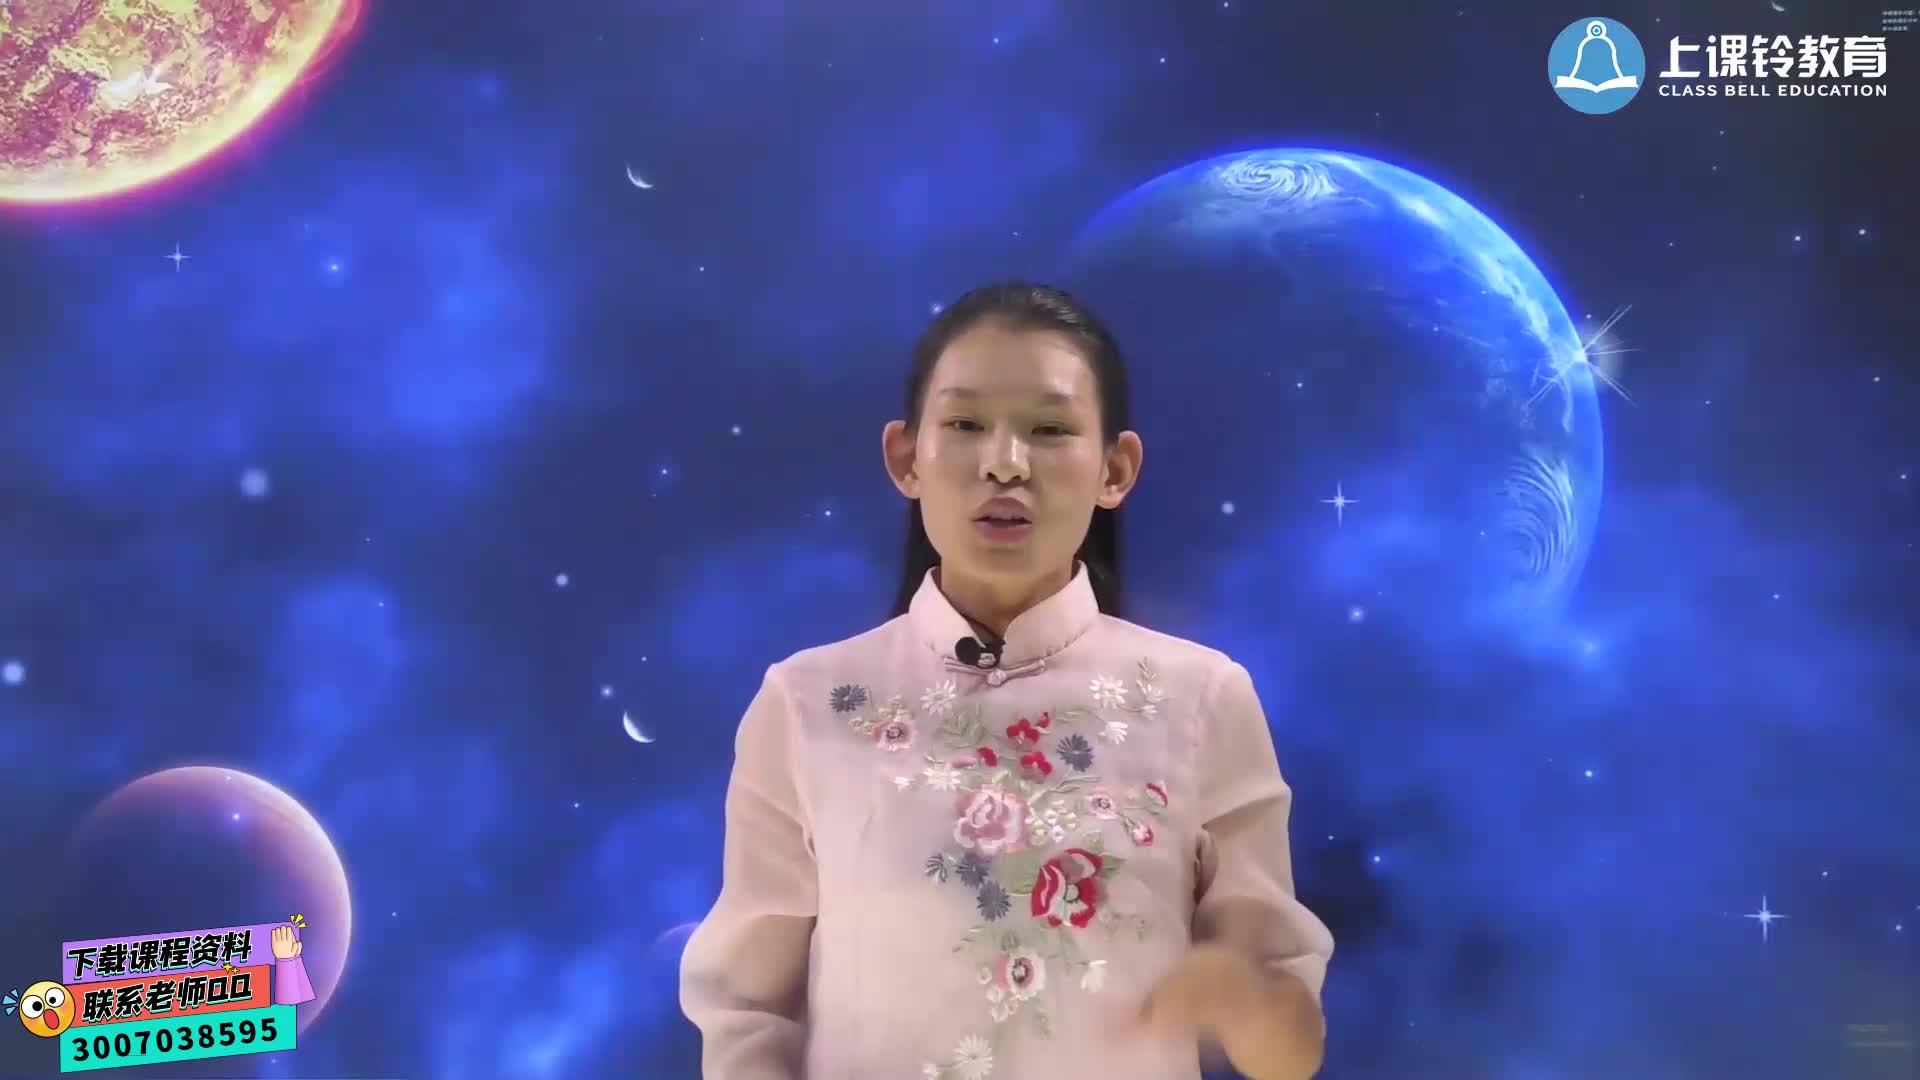 行星地球 01 导学课-【上课铃教育】高中地理高考二轮复习微课视频